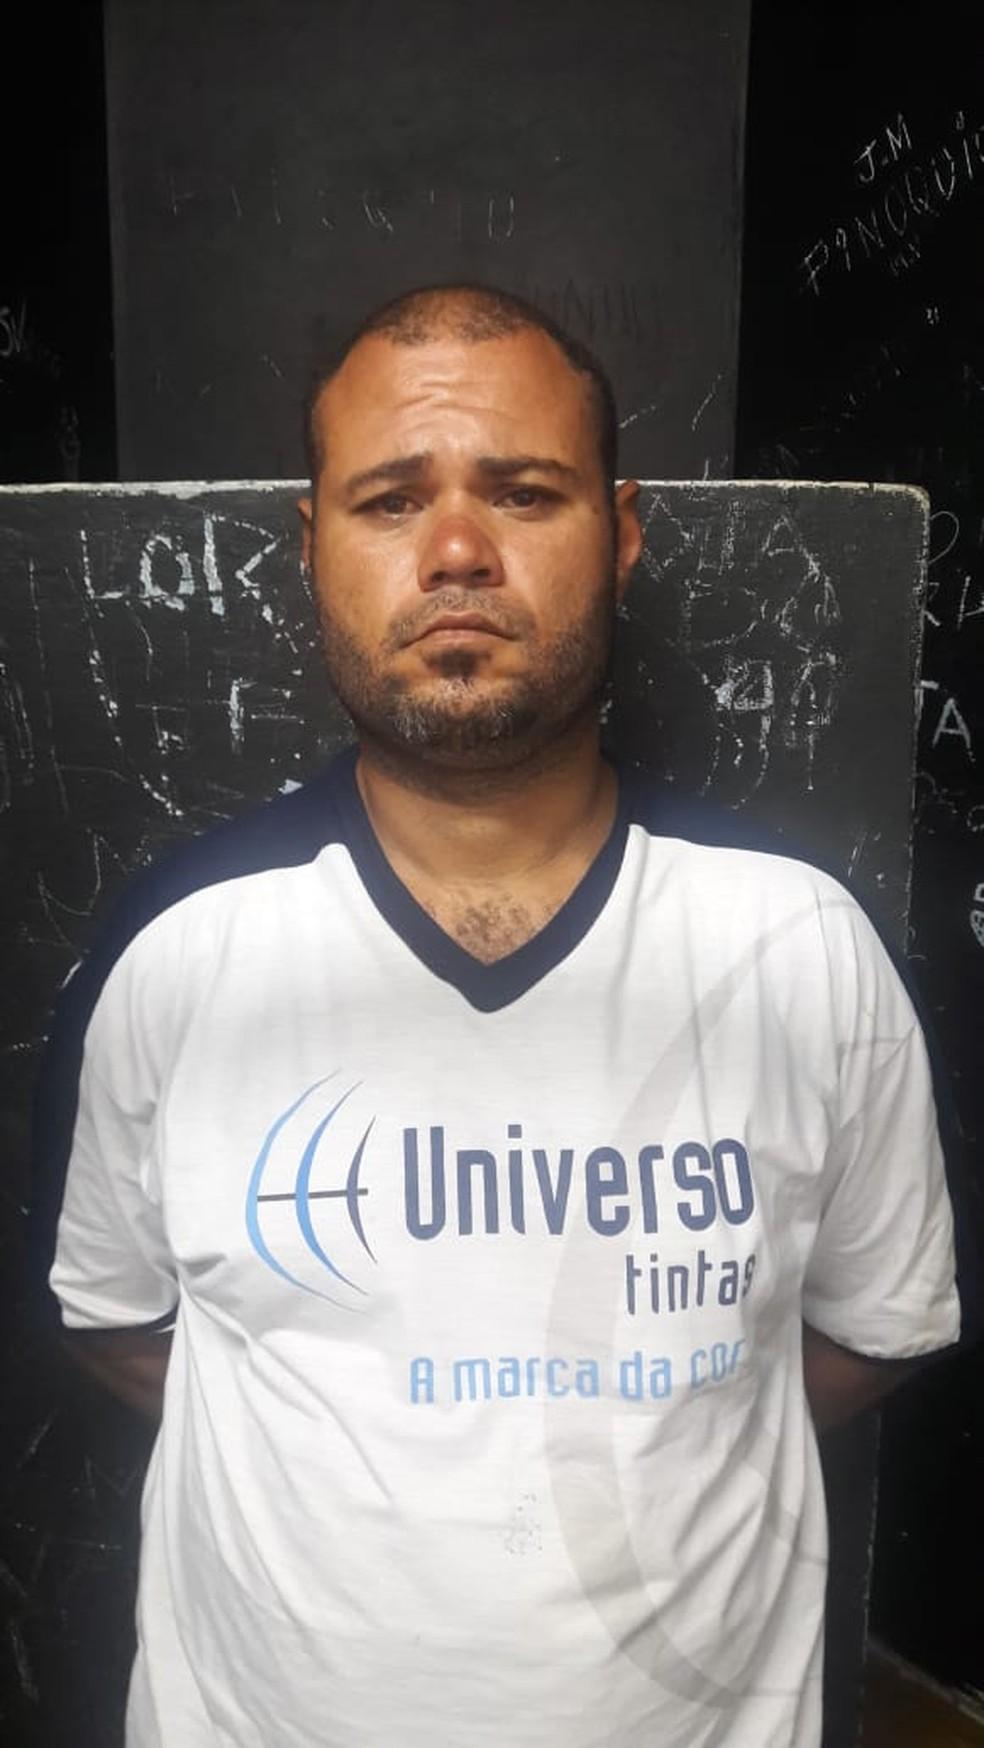 Homem teve prisão temporária decretada por ser principal suspeito de matar a tia em SP — Foto: Divulgação/Polícia Civil